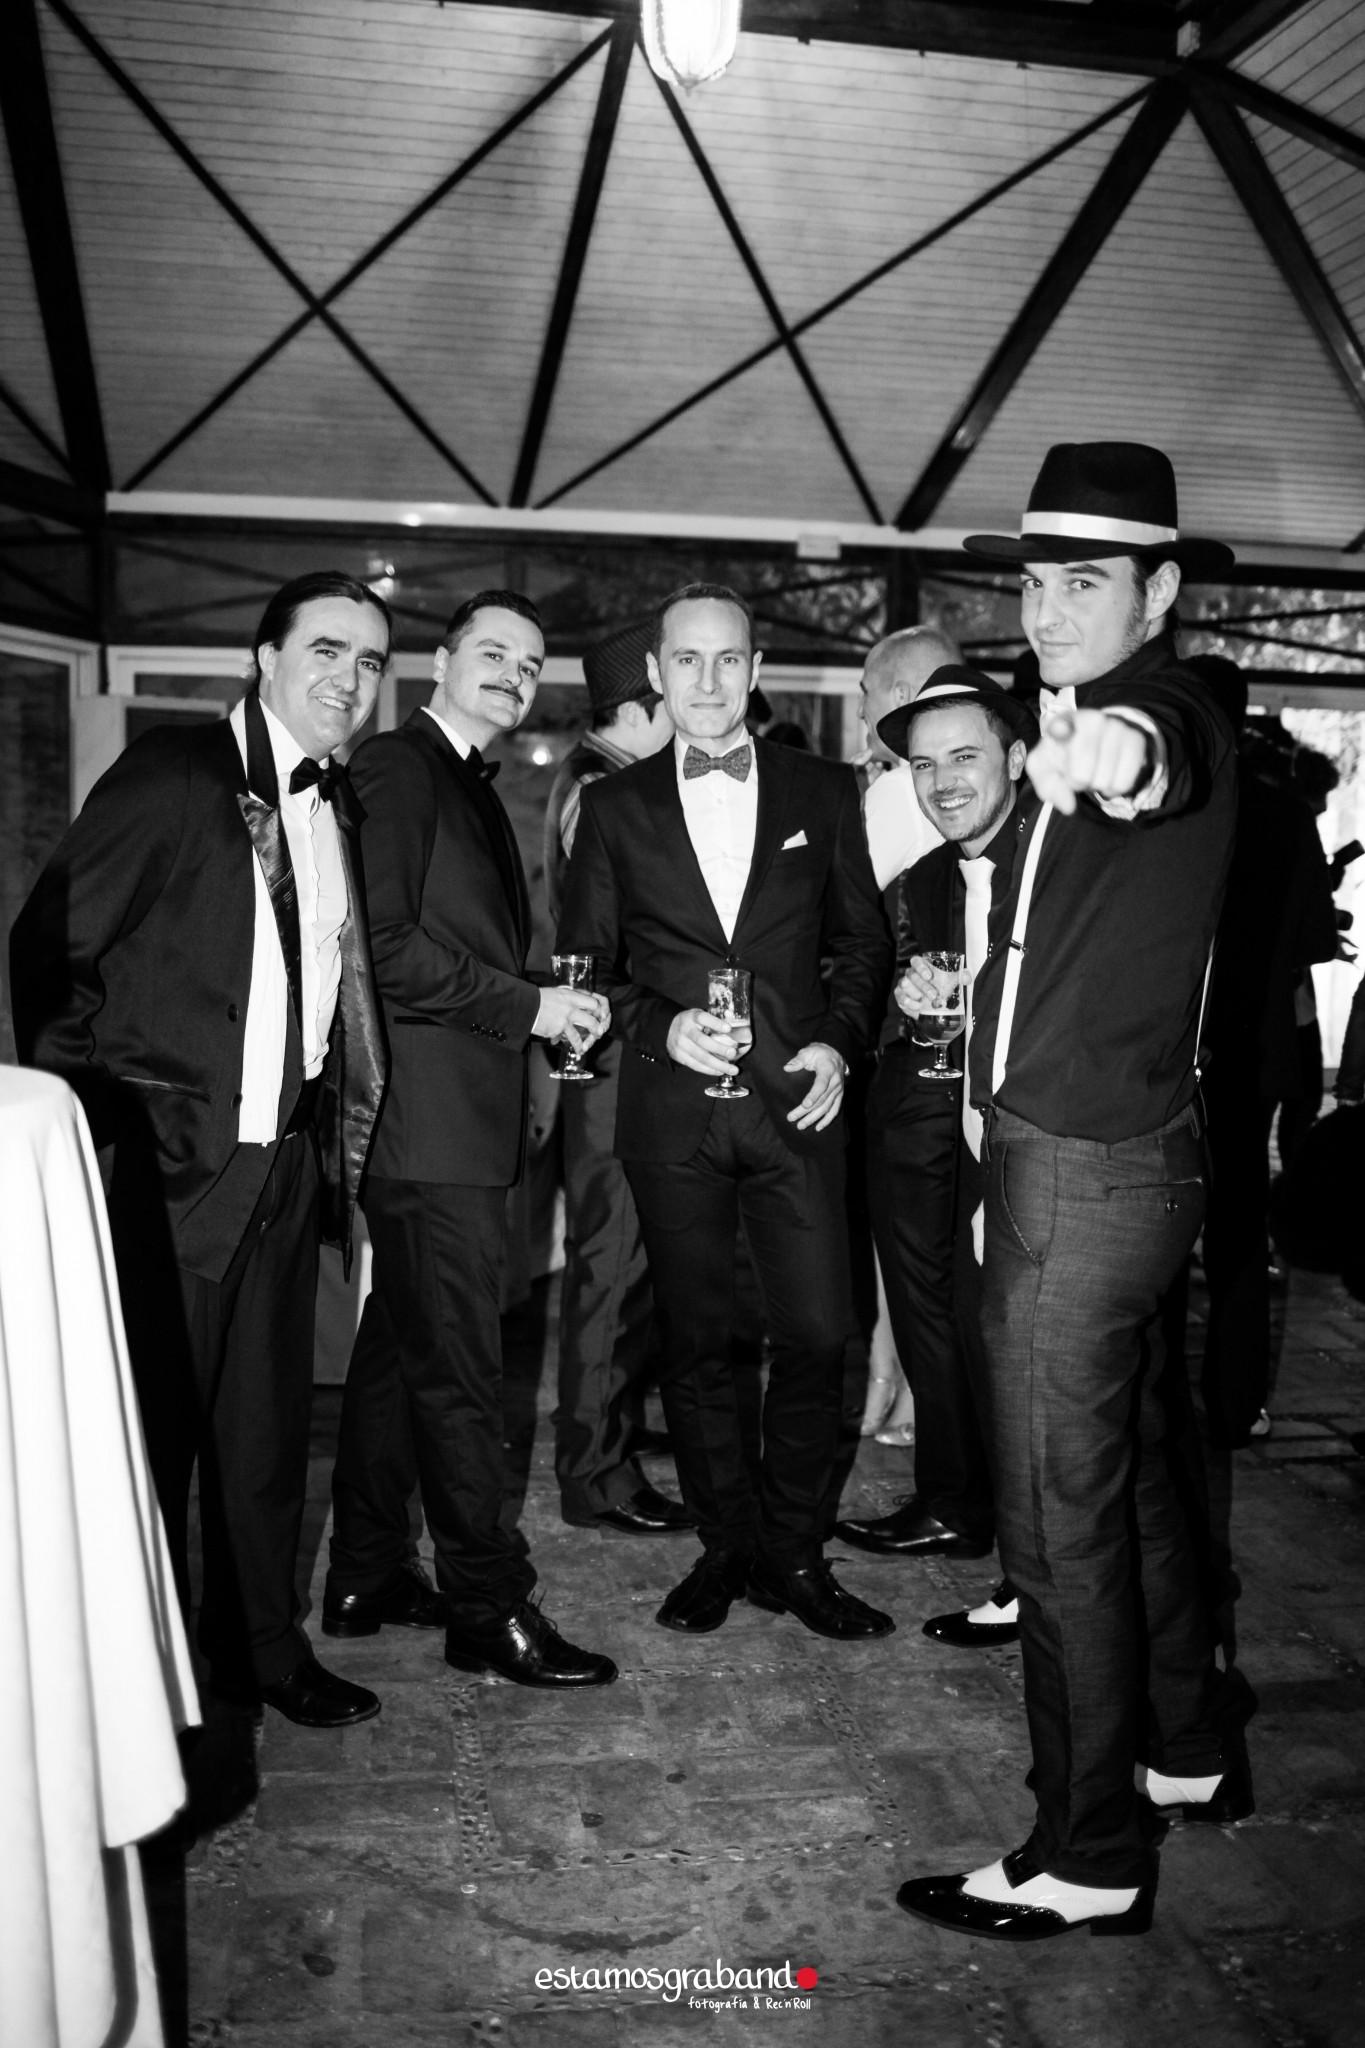 Años-20-BBTP-38-de-109 Los locos Años 20 [Fotografía en La Teta de Julieta, Cádiz] - video boda cadiz